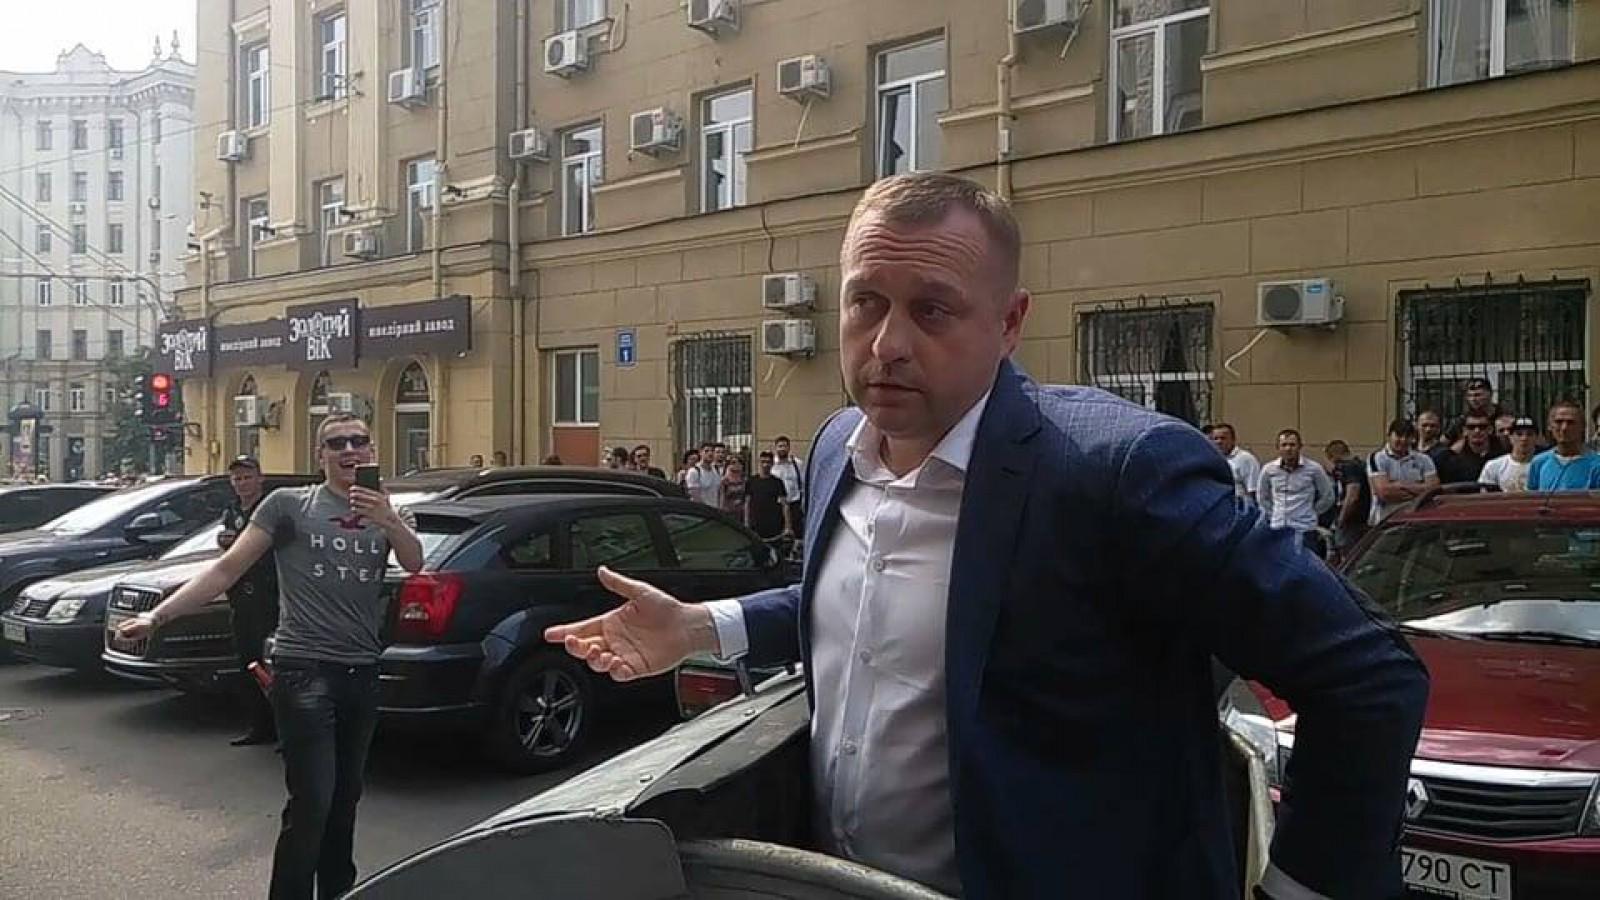 (foto/video) Viceprimarul oraşului Harkov, Andrei Rudenko, aruncat și plimbat într-un tomberon pentru gunoi